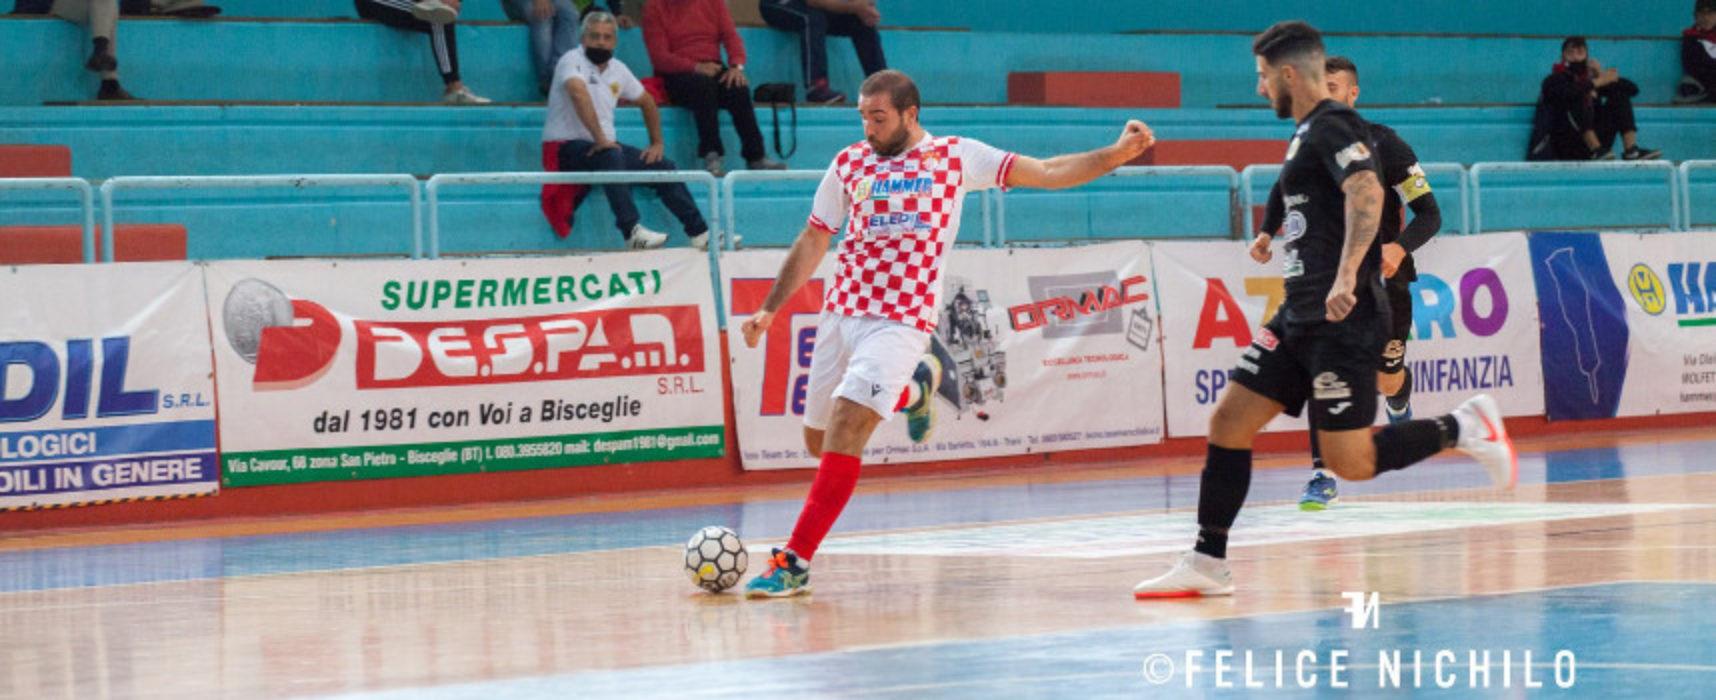 Calcio a 5, Nettuno Bisceglie sull'ottovolante, ko per Diaz e Futbol Cinco